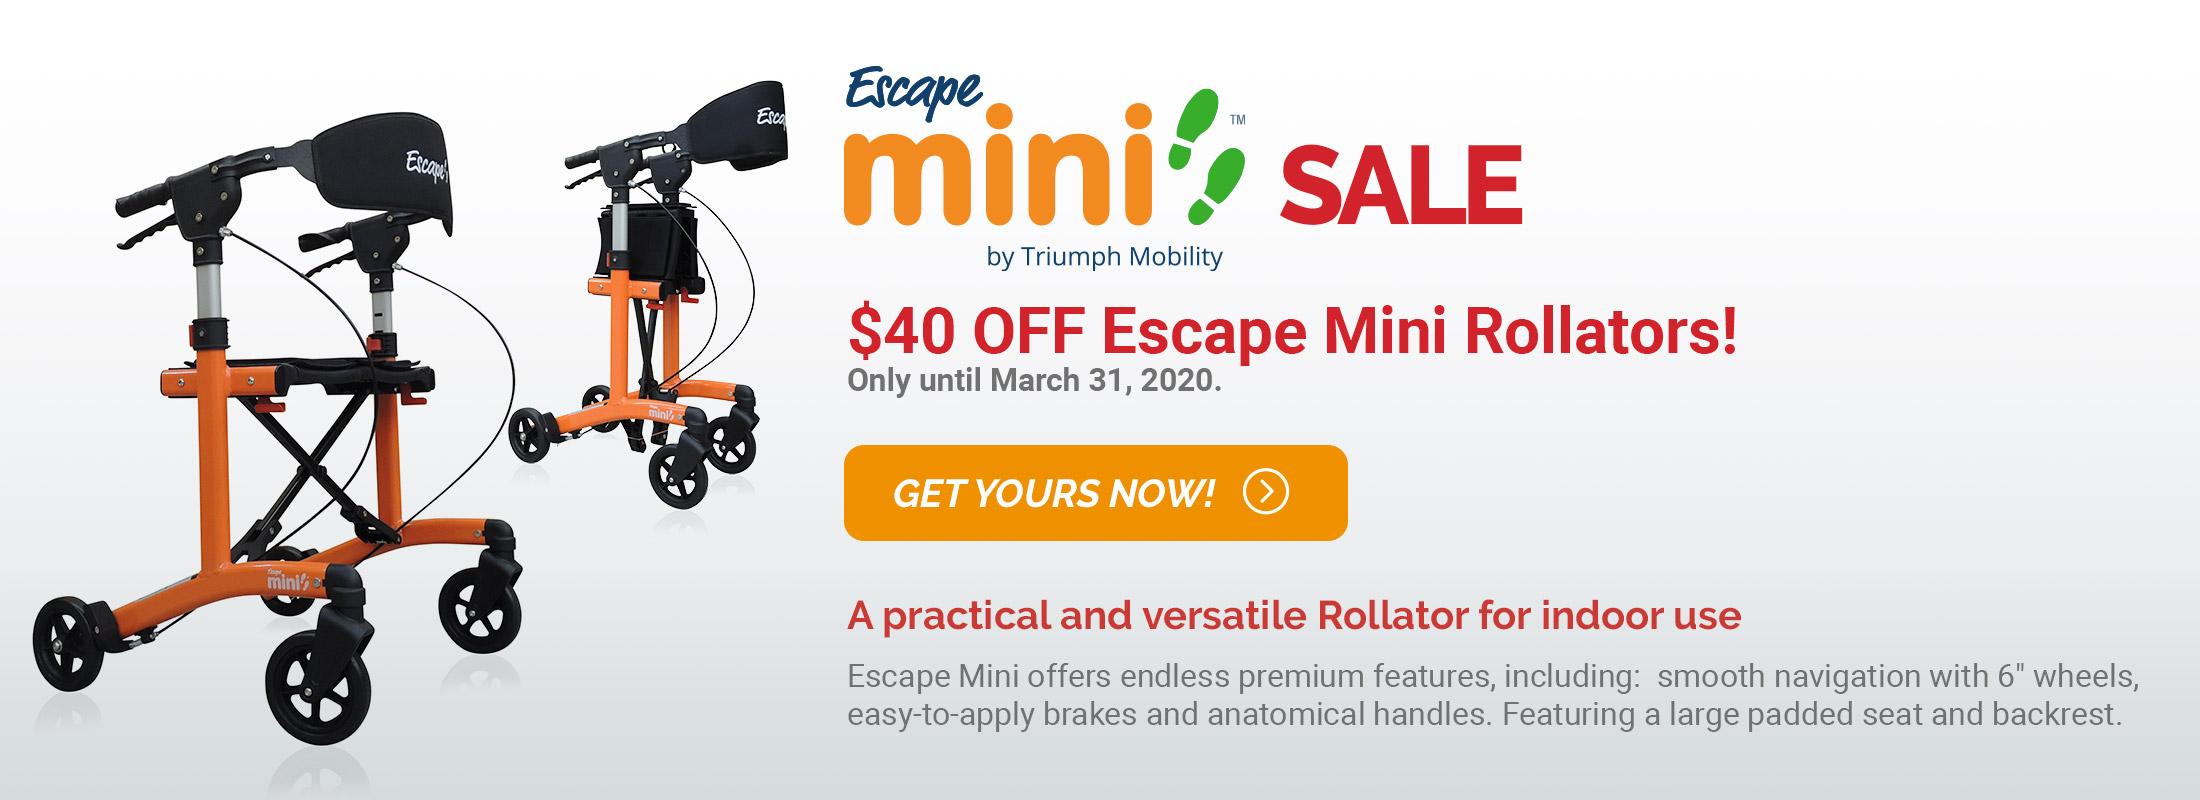 Escape Mini Sale - $40 OFF Escape Mini Rollators